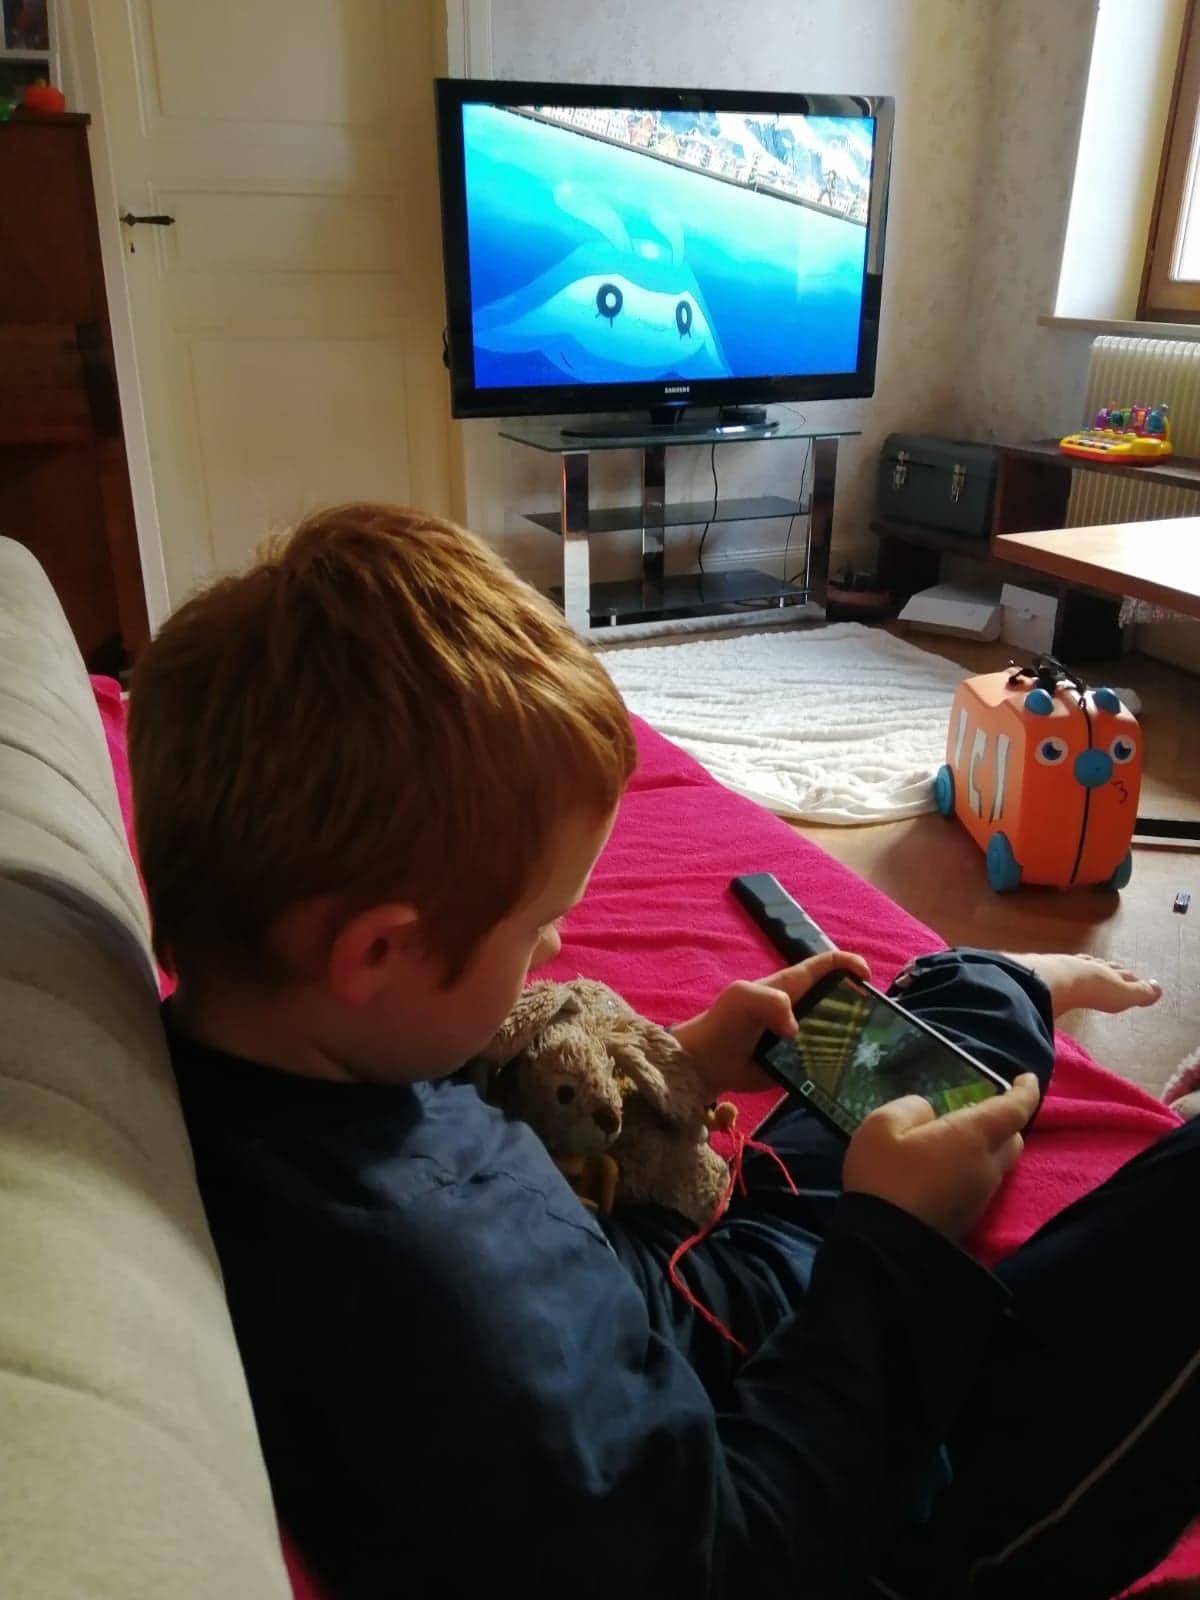 Sur cette photo on peut voir en premier plan, un petit garçon avec son doudou dans les bras, en train de jouer à un jeu d'action sur un téléphone portable. En arrière-plan, la télévision est allumée et joue un film d'animation qui ne semble pas intéresser le garçon.